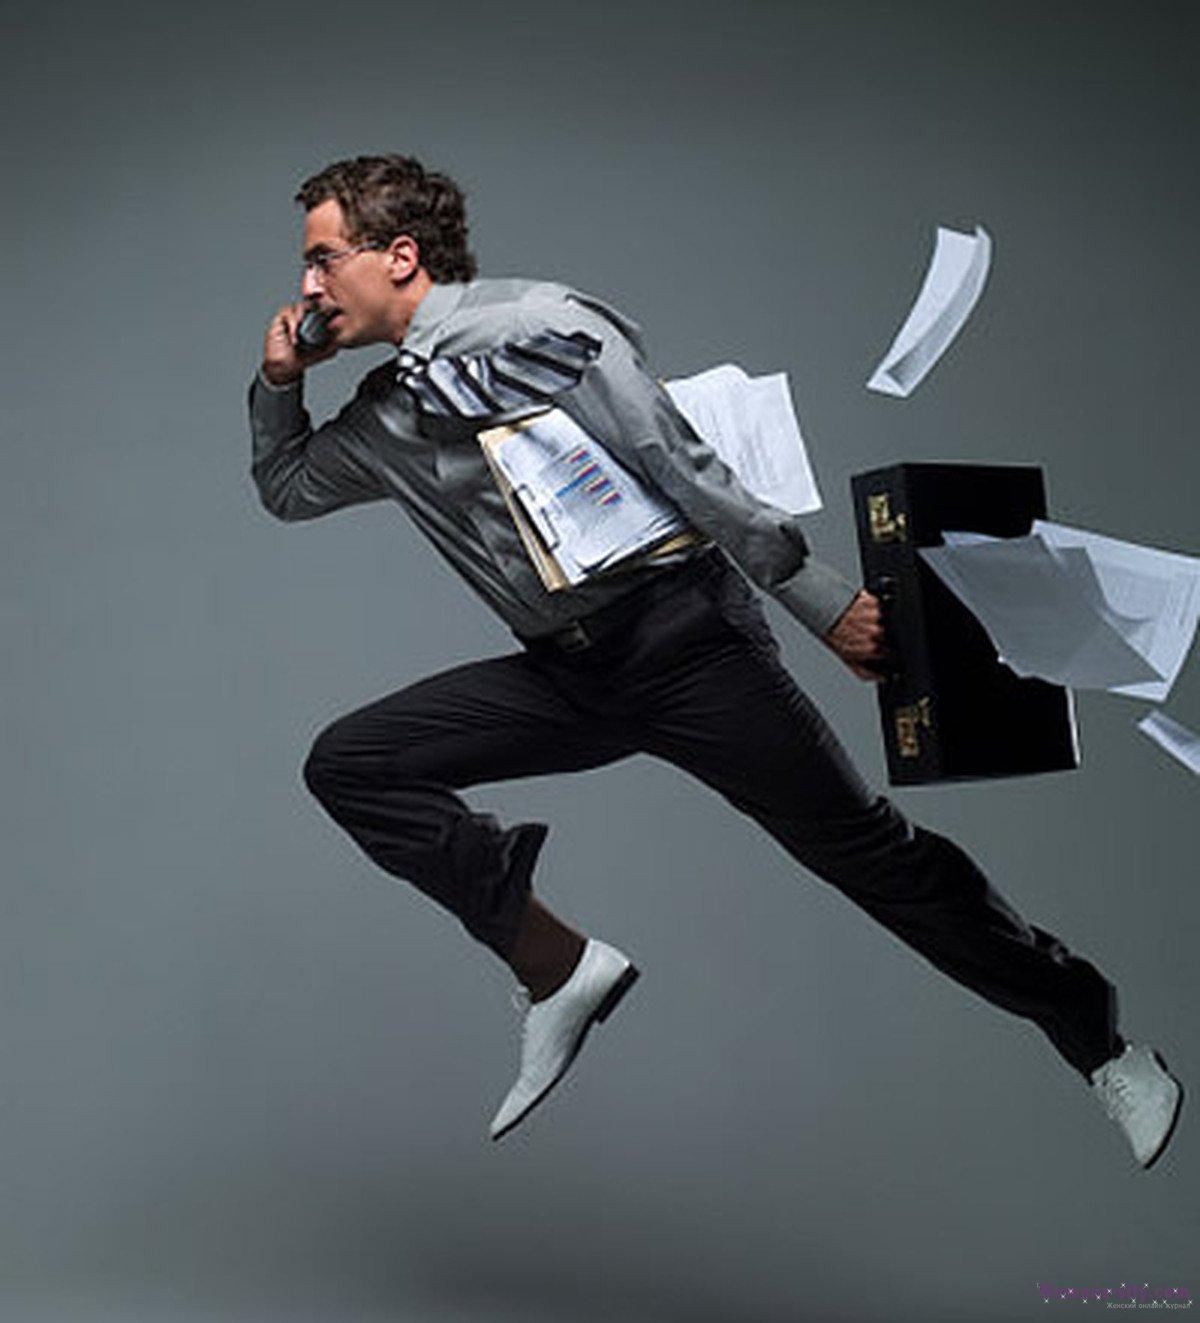 Смешная картинка с бегущим человеком, картинки про скелета